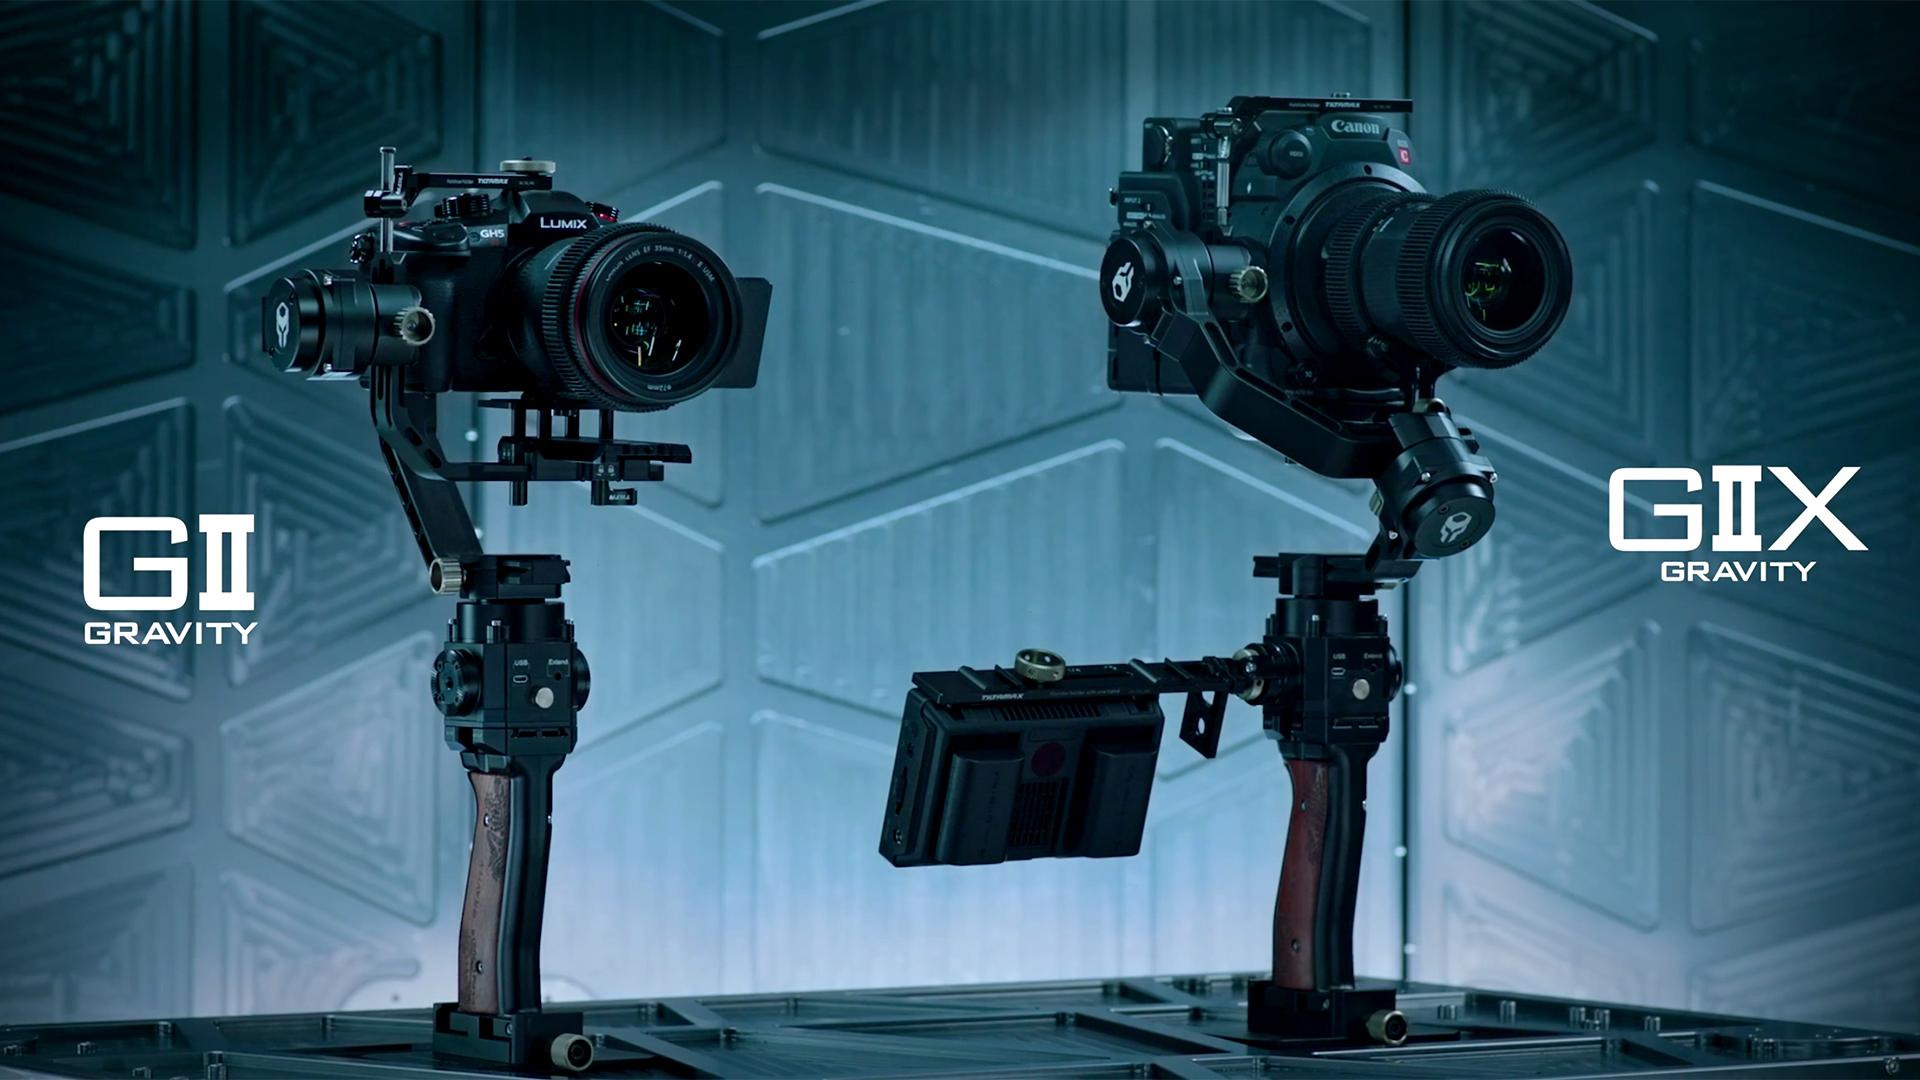 TiltaがGravity G2とG2Xを発表 - 新しくなったハンドヘルドジンバル